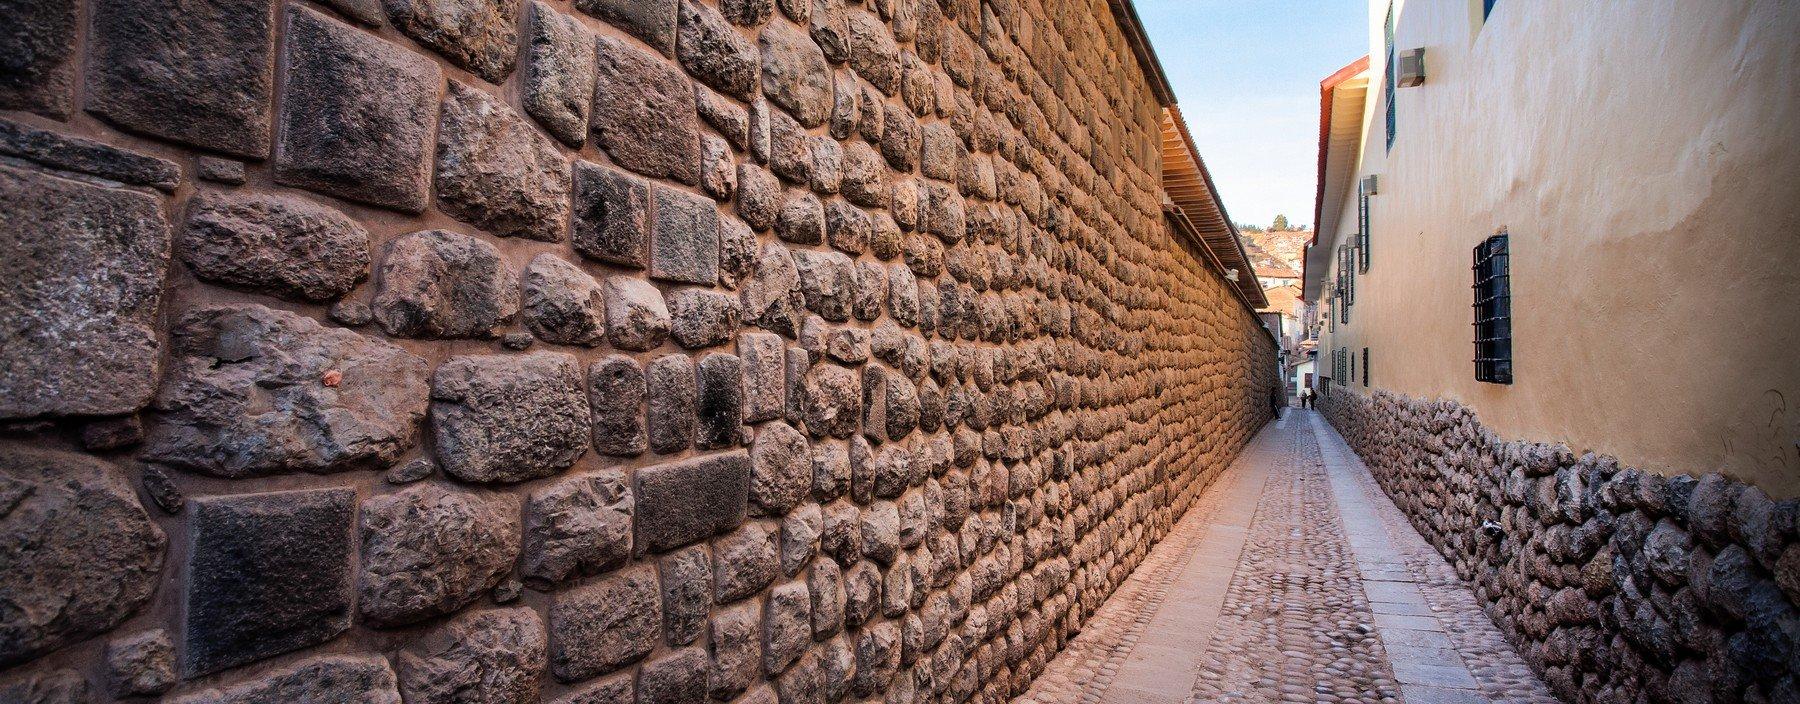 pe, cuzco, antique inca streets (2).jpg